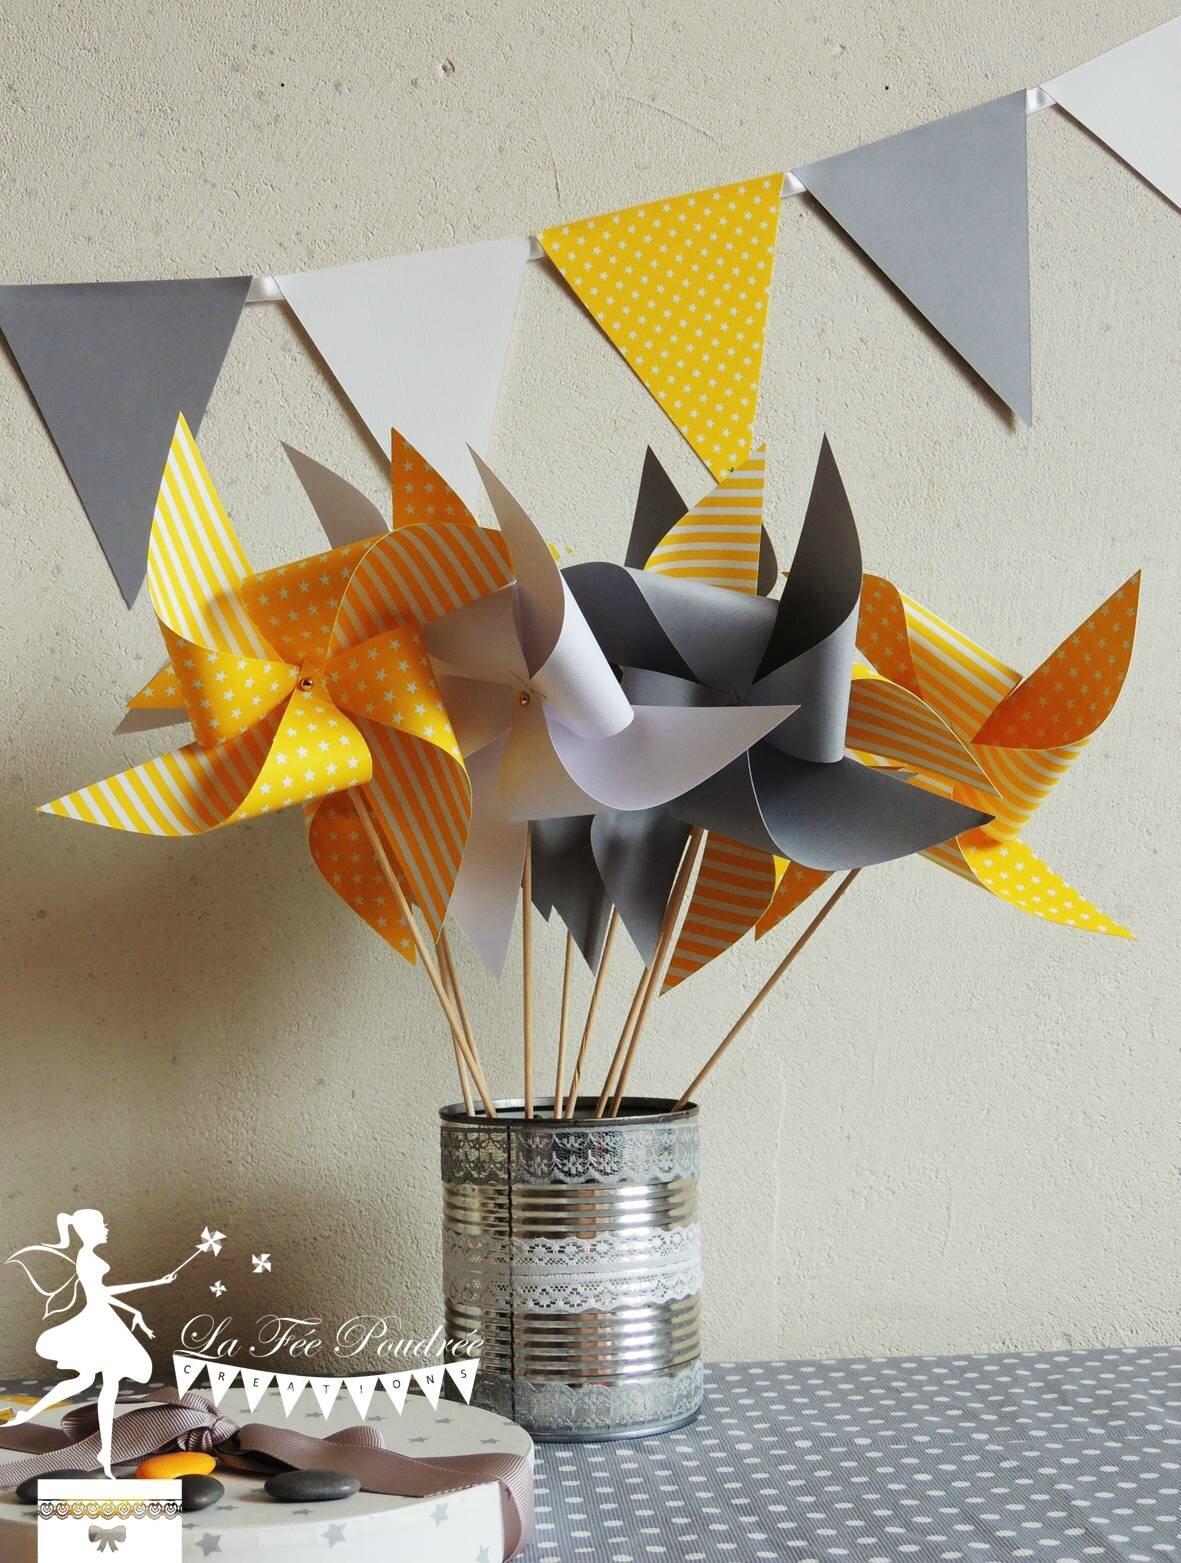 moulin a vent gris jaune blanc decoration mariage bapteme baby shower anniversaire